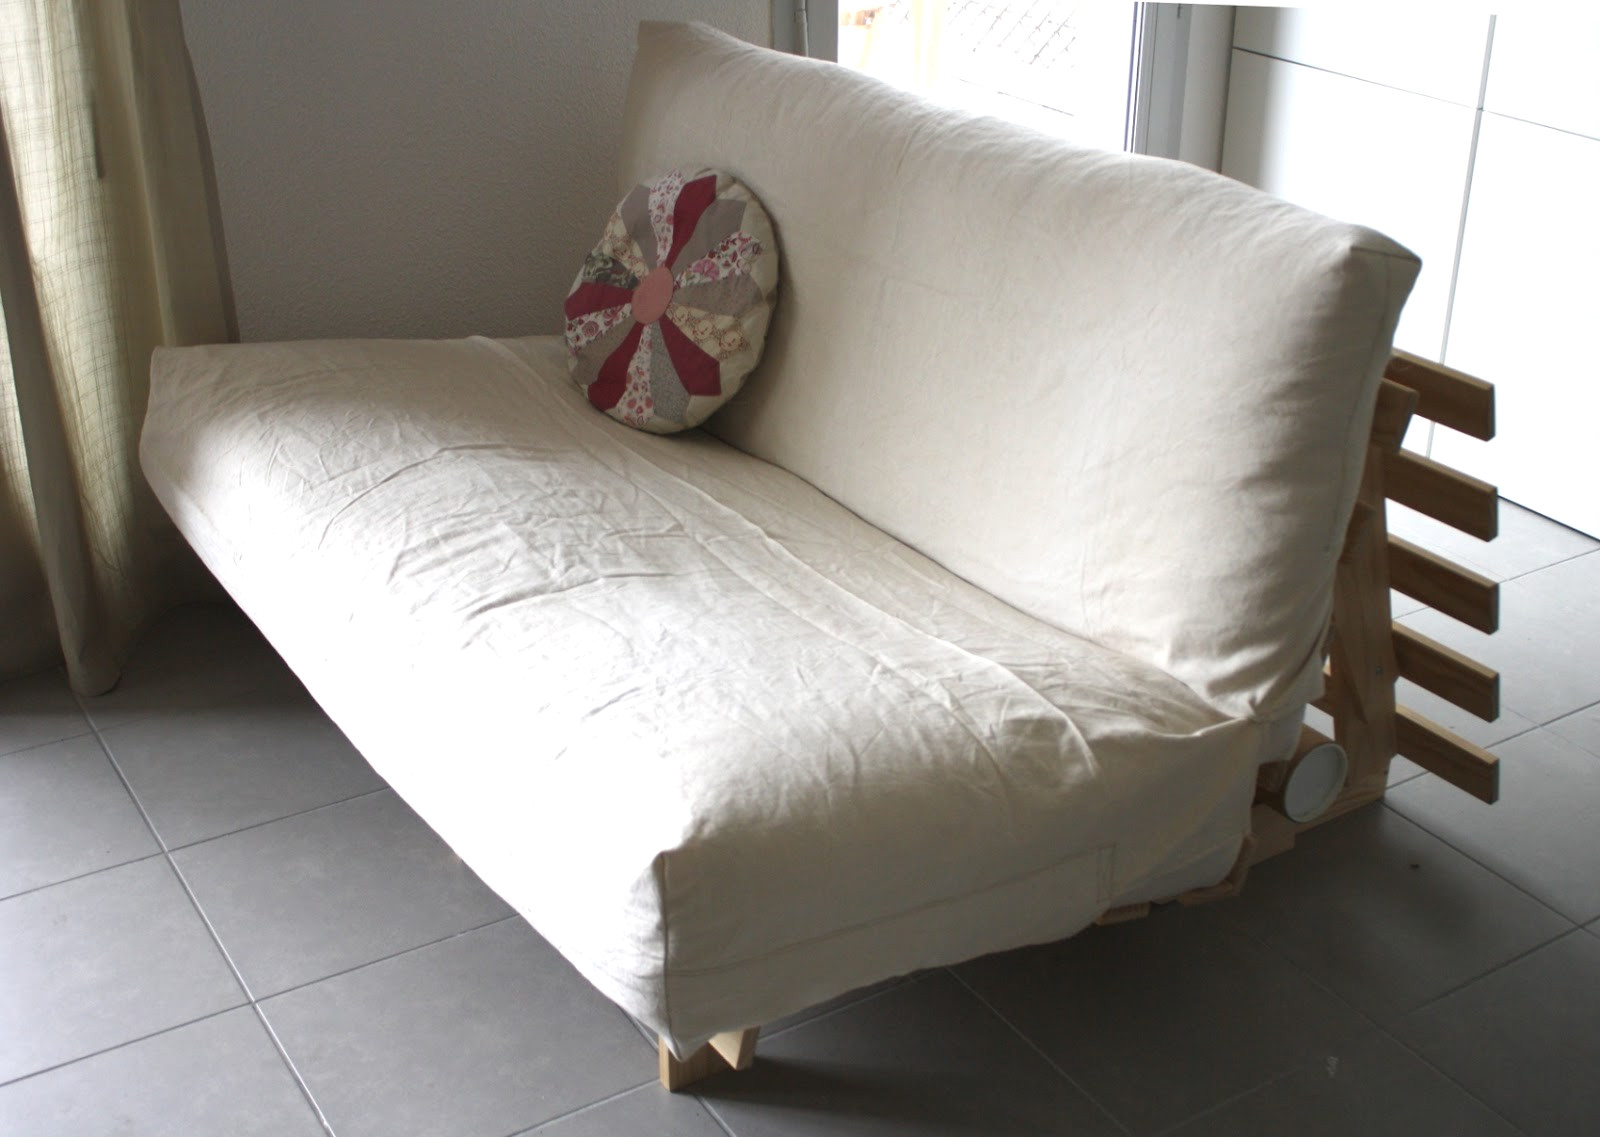 canap bz la redoute impressionnant photos canap lit convertible la redoute cgisnur. Black Bedroom Furniture Sets. Home Design Ideas